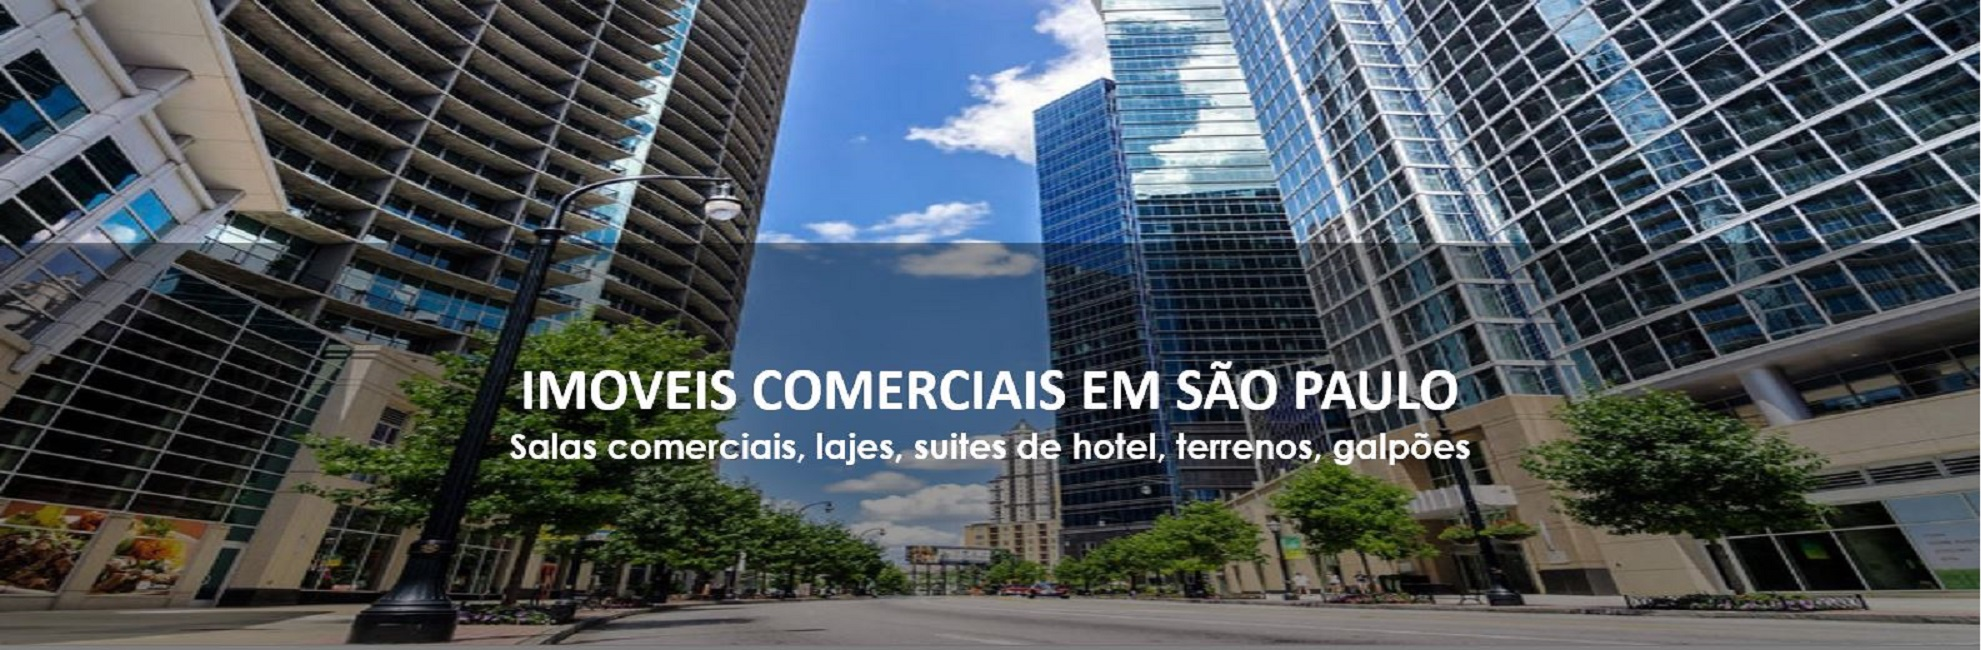 Imóveis comerciais em São Paulo